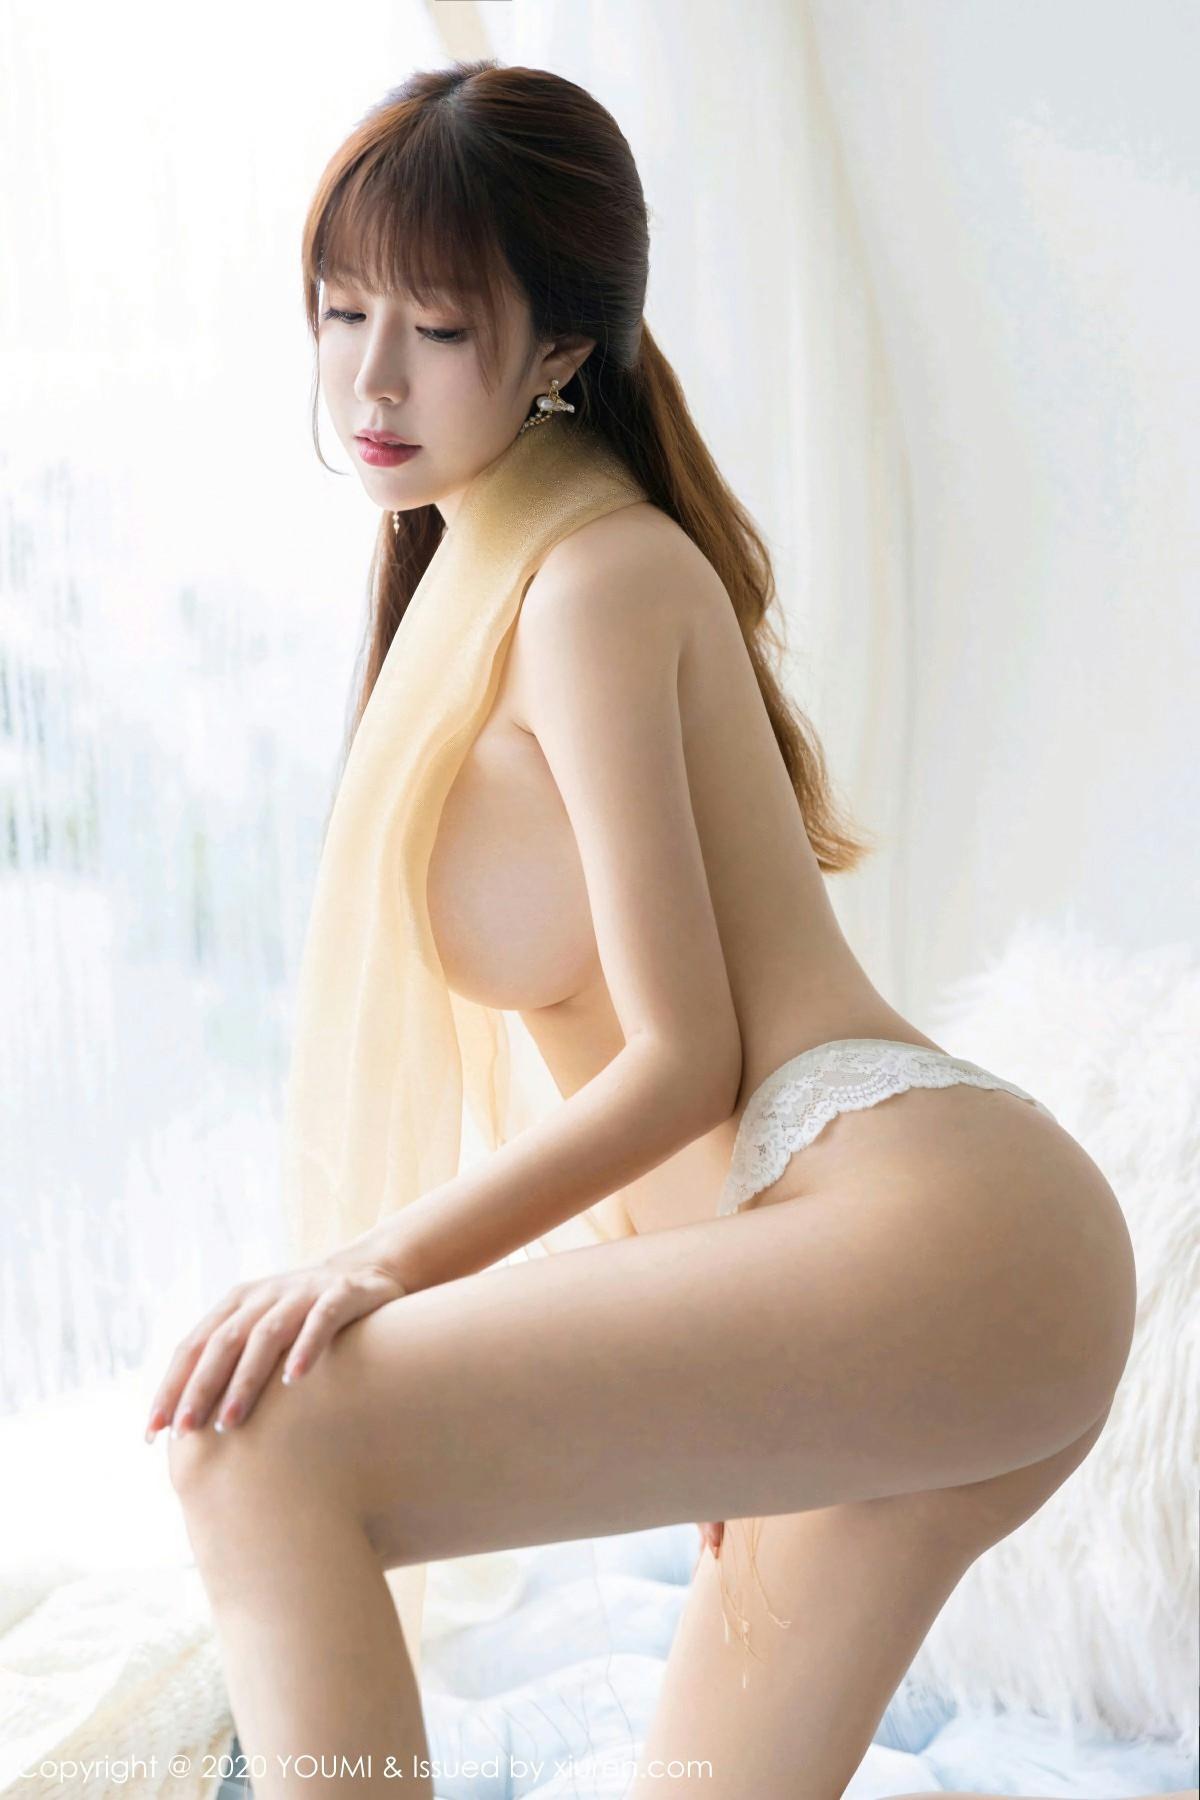 [YOUMI尤蜜荟] 2020.09.21 VOL.531 王雨纯 第3张